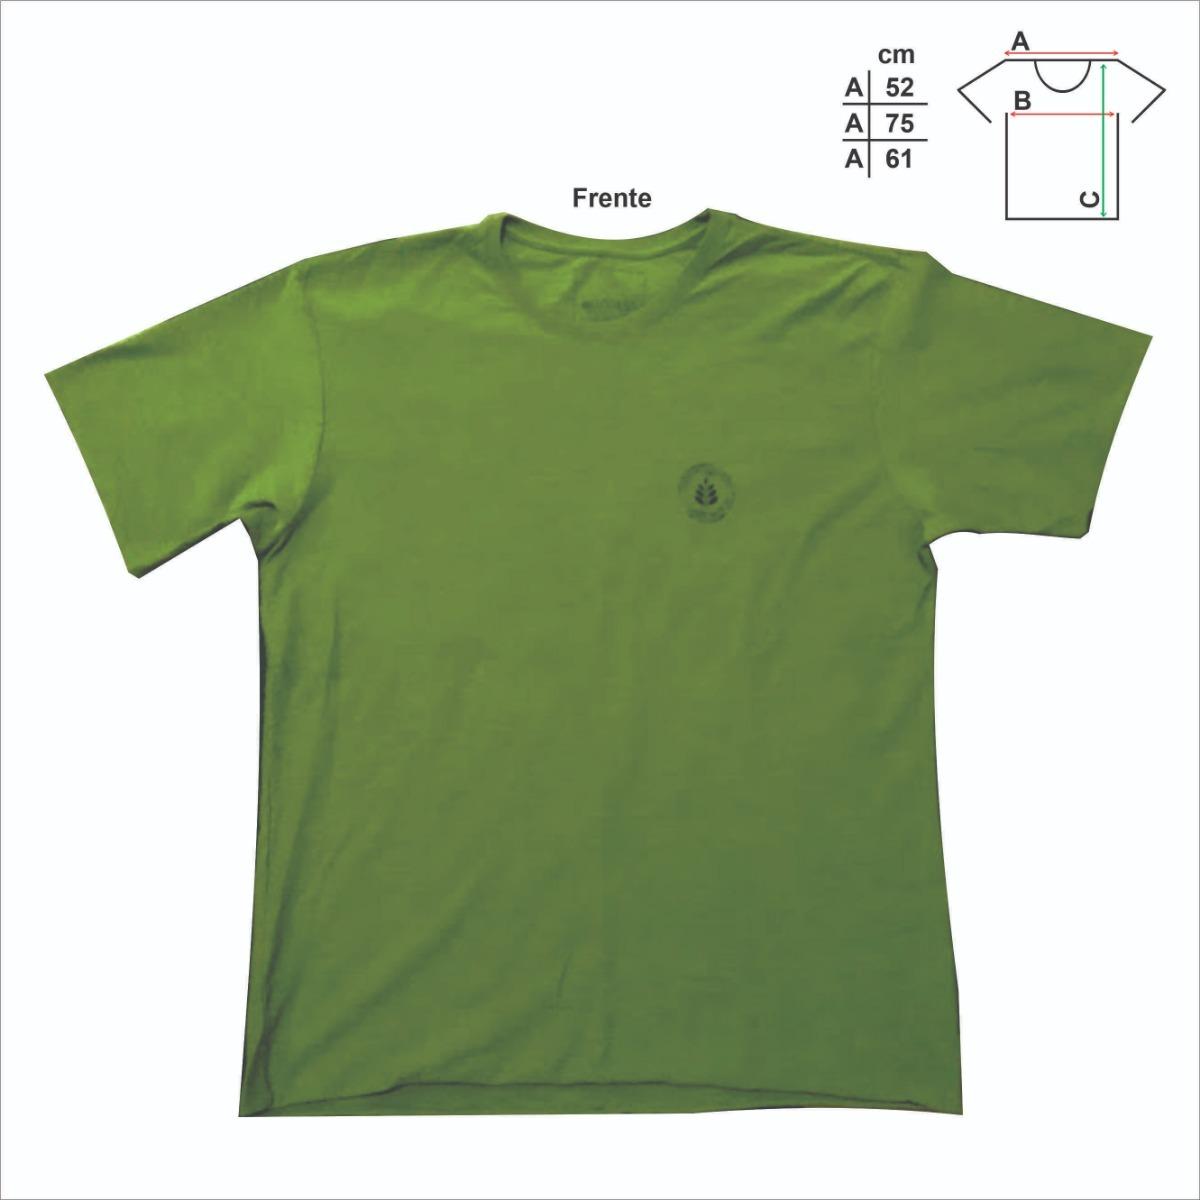 564d69abdb camiseta florest verde algodão texturizada gg. Carregando zoom.